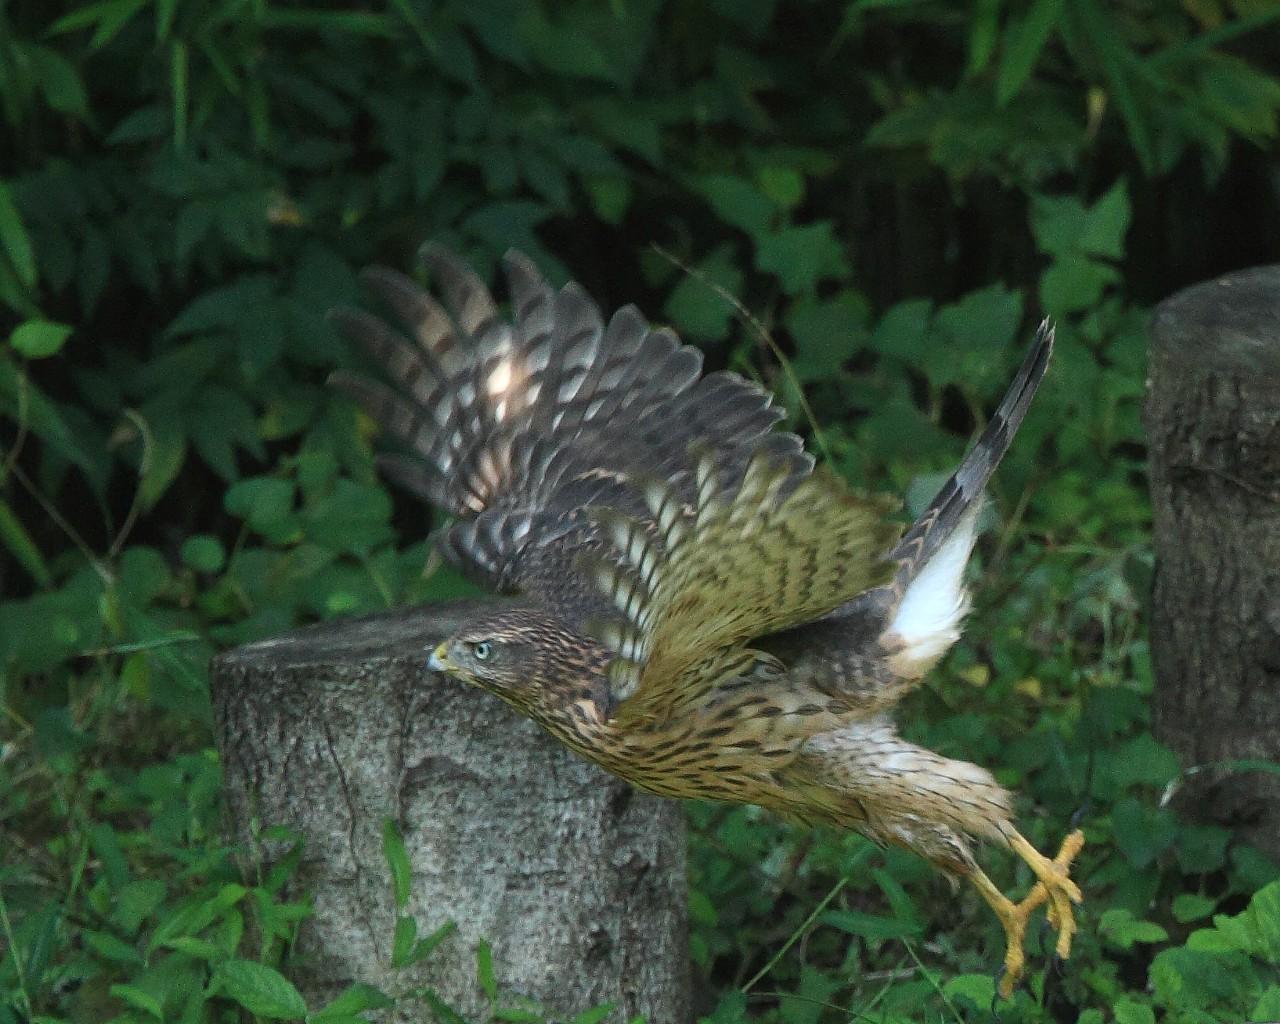 オオタカ幼鳥の力強い飛び出し_f0105570_2159598.jpg